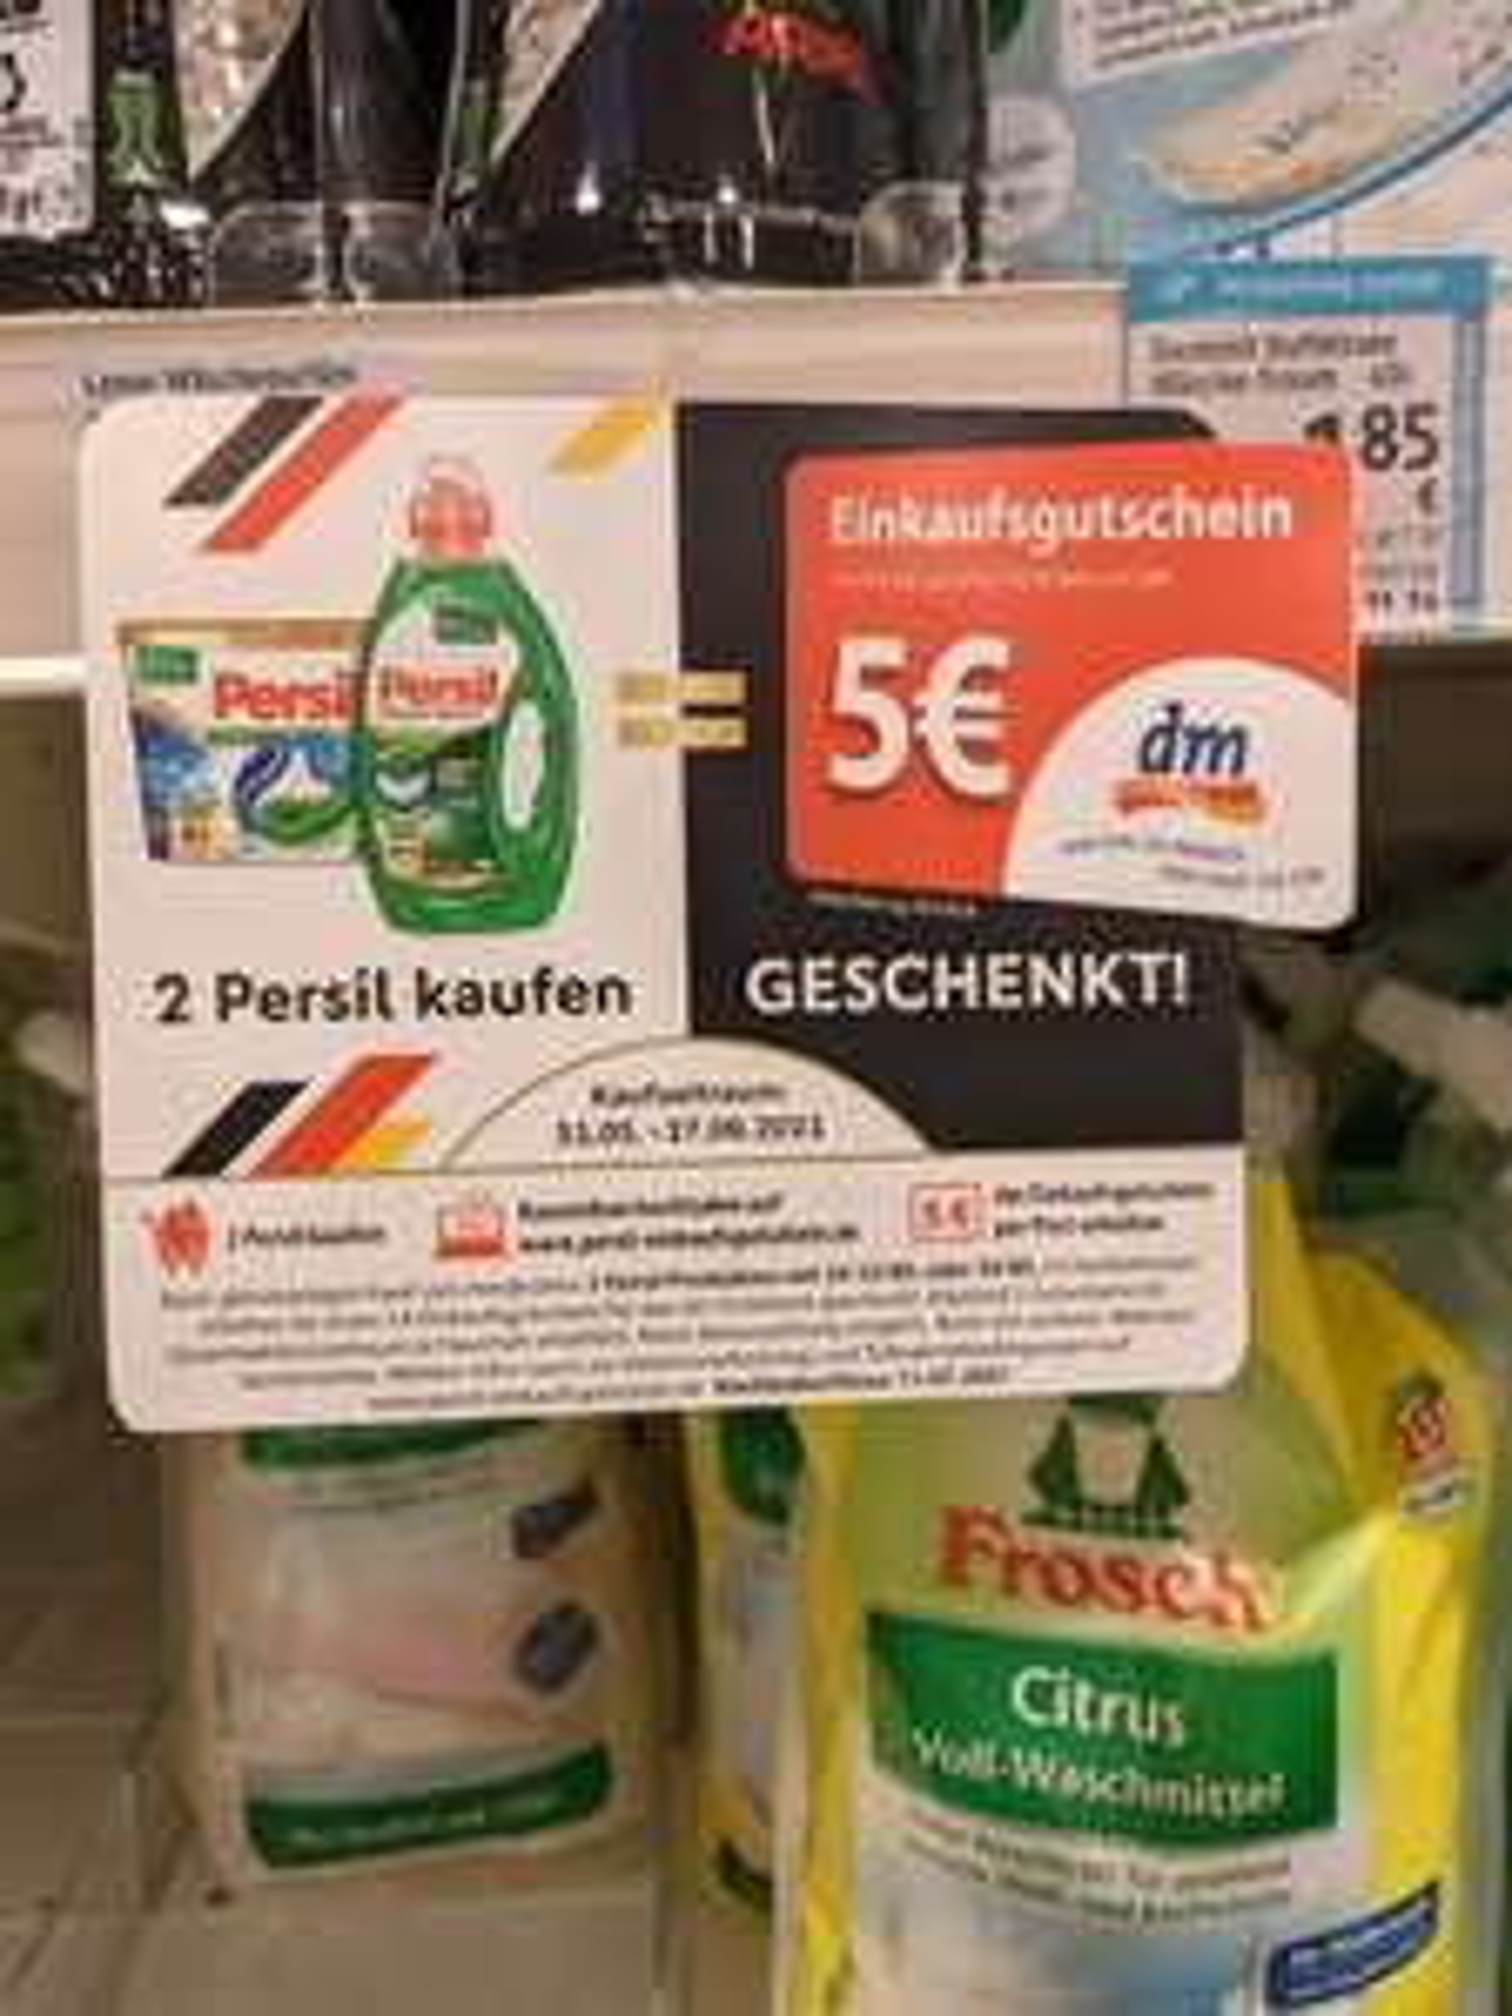 [DM] 5€ Einkaufsgutschein für 2 Persil Produkte